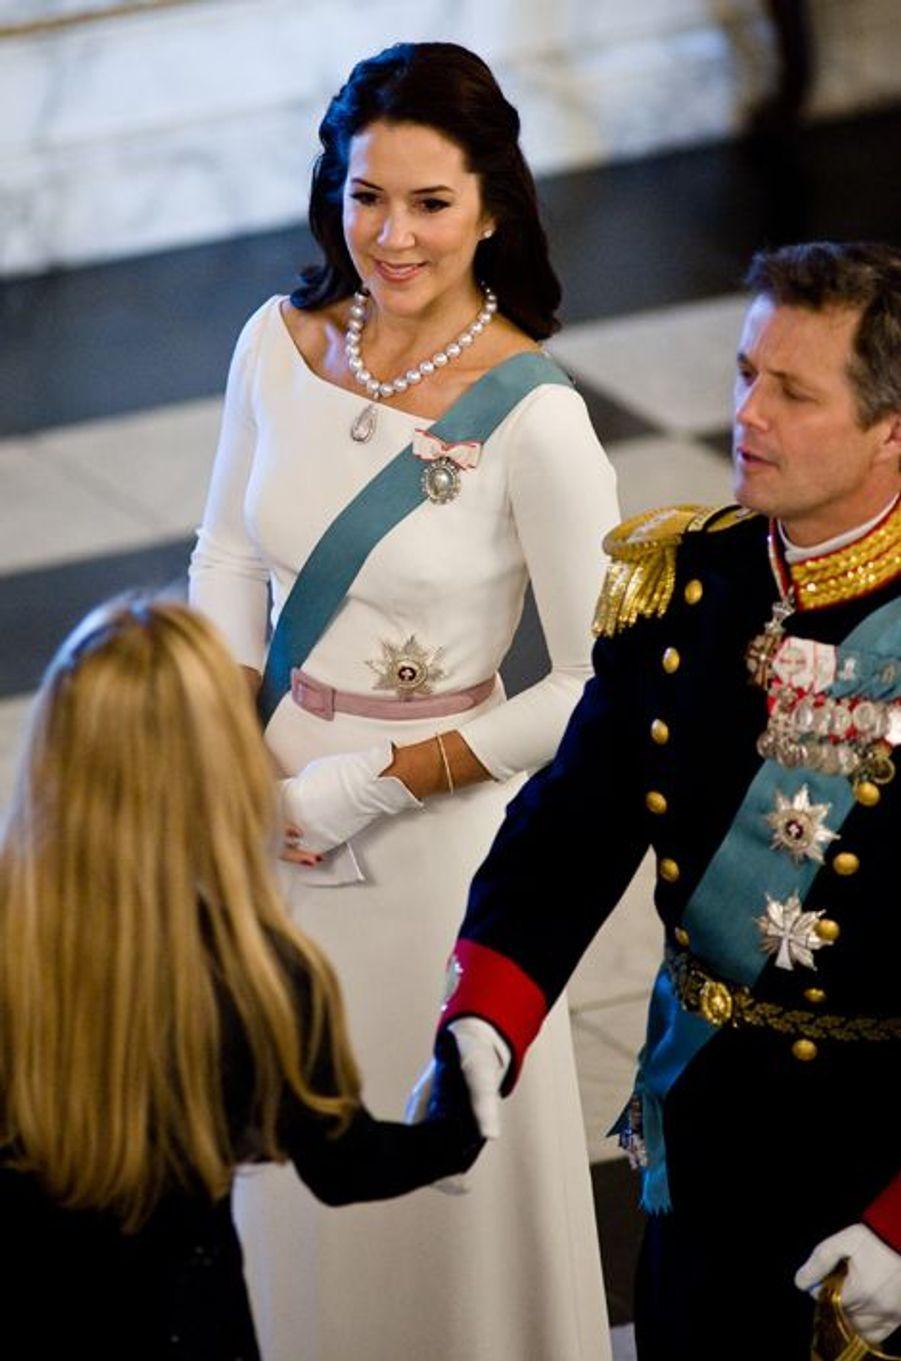 Le prince Frederik et la princesse Mary de Danemark à la cérémonie des voeux à Copenhague, le 5 janvier 2015